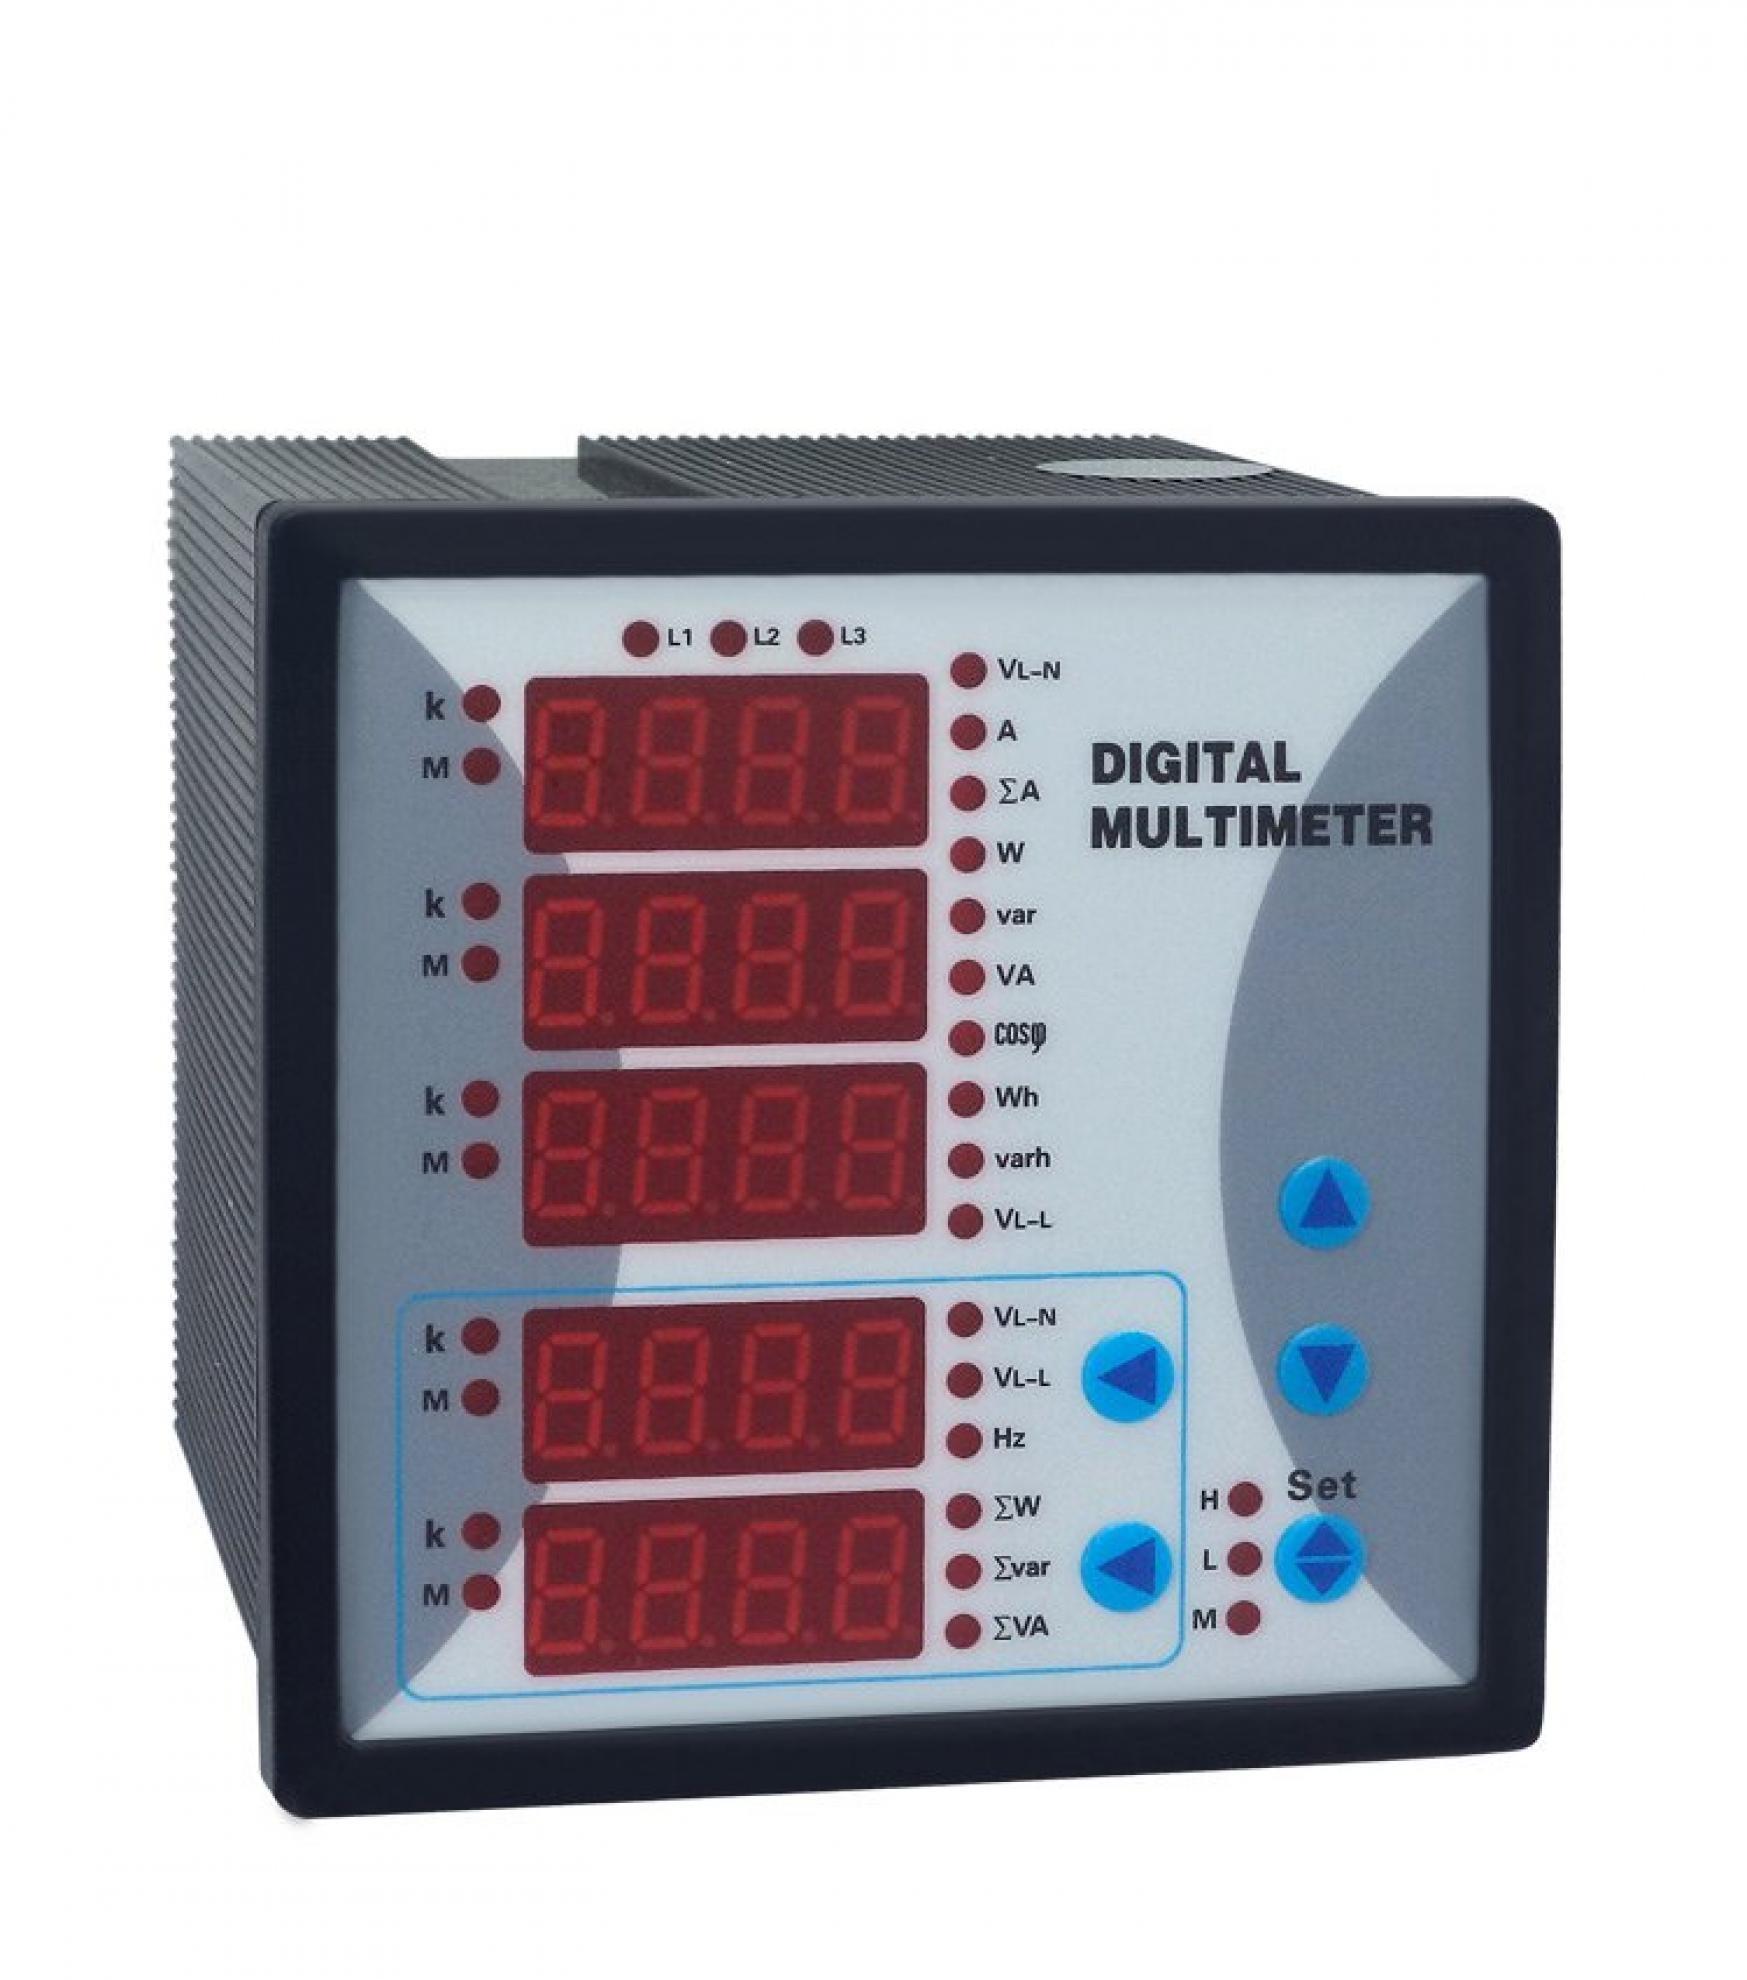 Multimedidor AOB292E-9D5 Trif�sico com 4 Sa�das Anal�gicas e Porta RS485 - 96X96mm